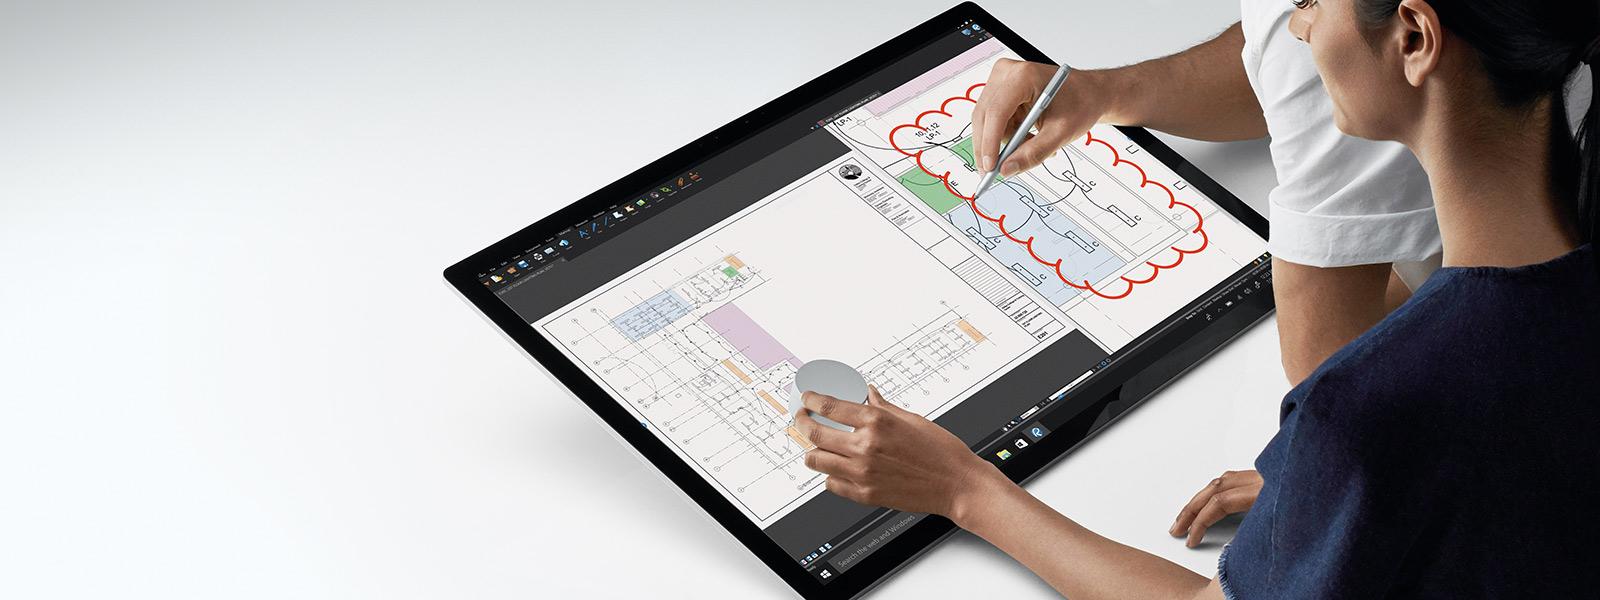 Zwei Personen arbeiten mit Surface Studio und verwenden dabei das Surface Dial und den Surface-Stift